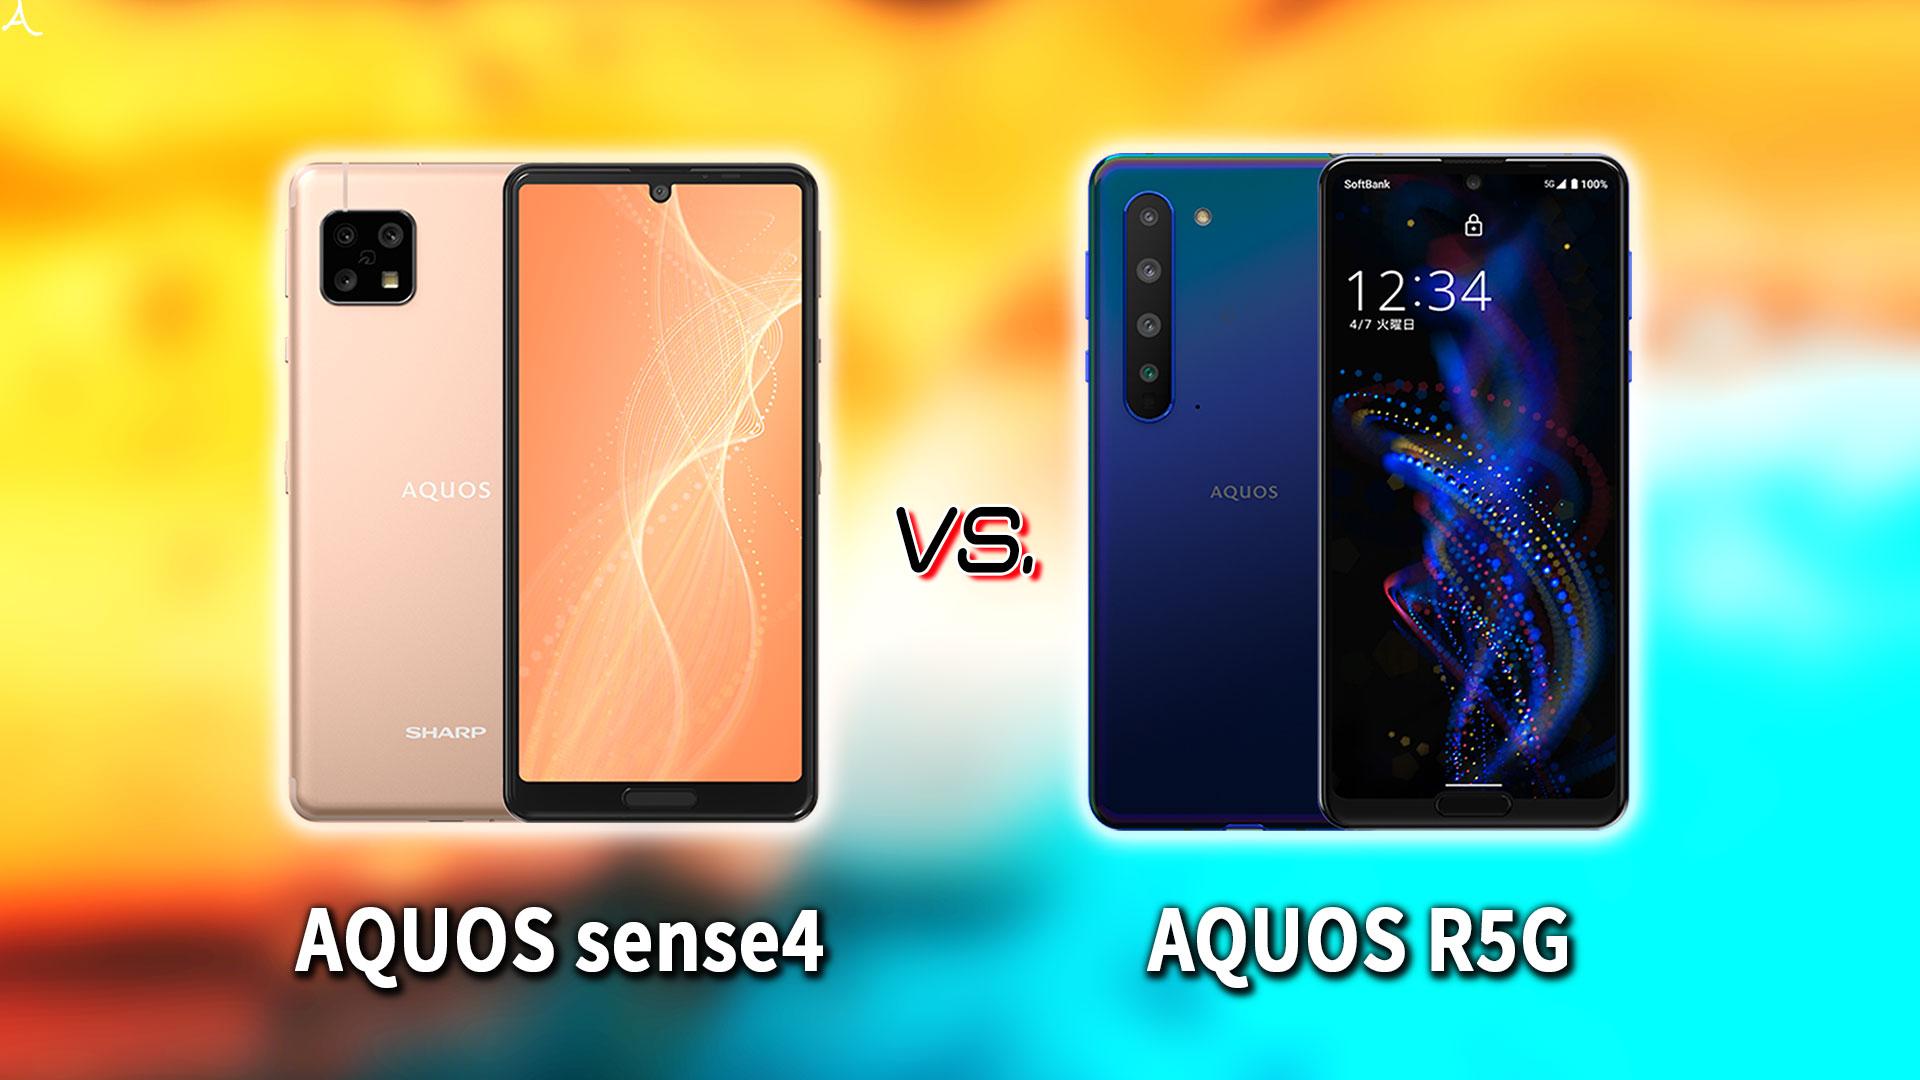 「AQUOS sense4」と「AQUOS R5G」の違いを比較:どっちを買う?